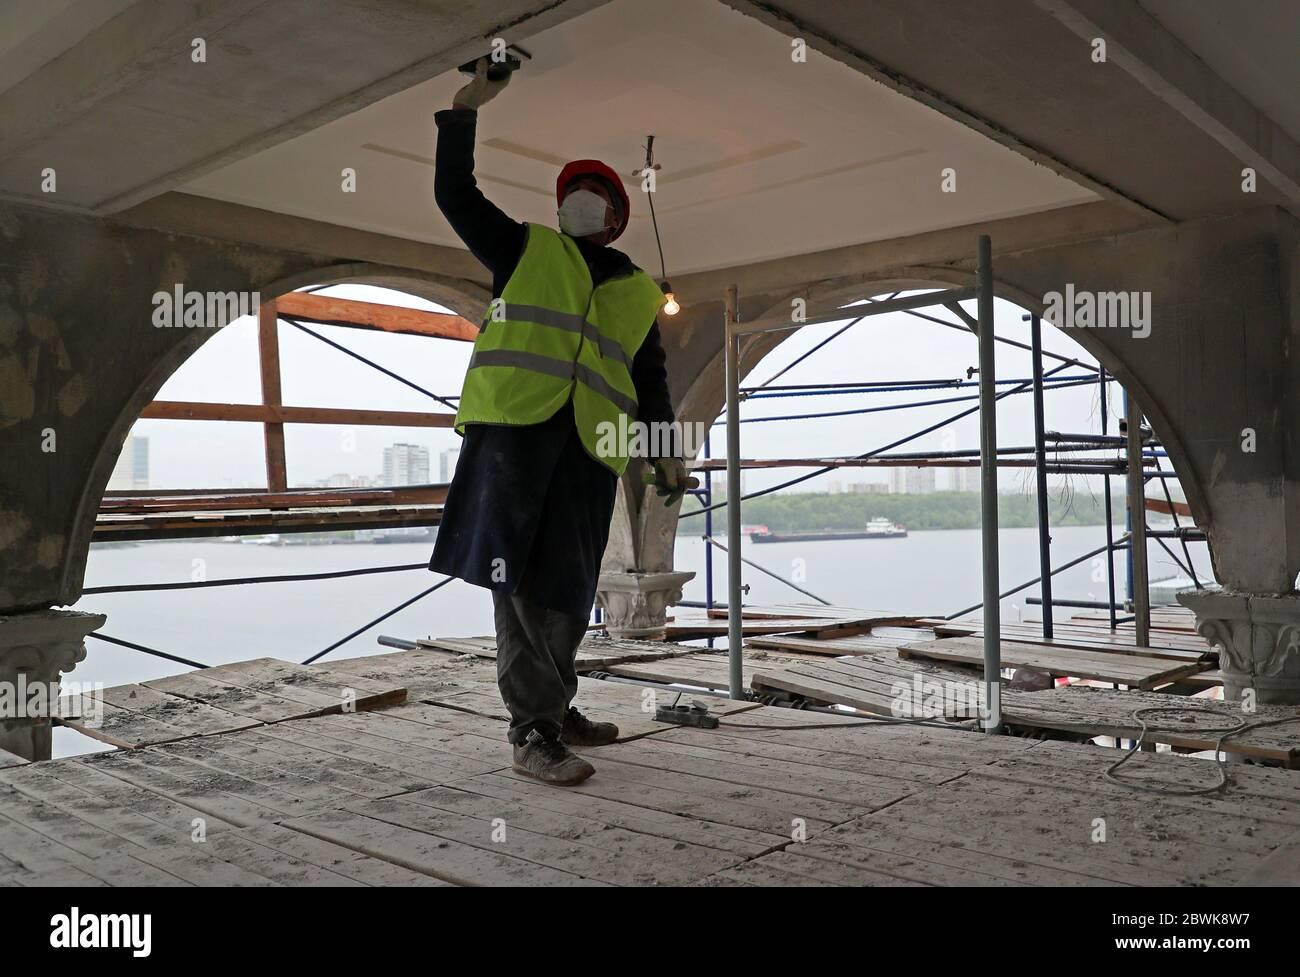 Moskau, Russland. Juni 2020. Am North River Terminal werden Verbesserungen durchgeführt. Kredit: Gavriil Grigorov/TASS/Alamy Live News Stockfoto